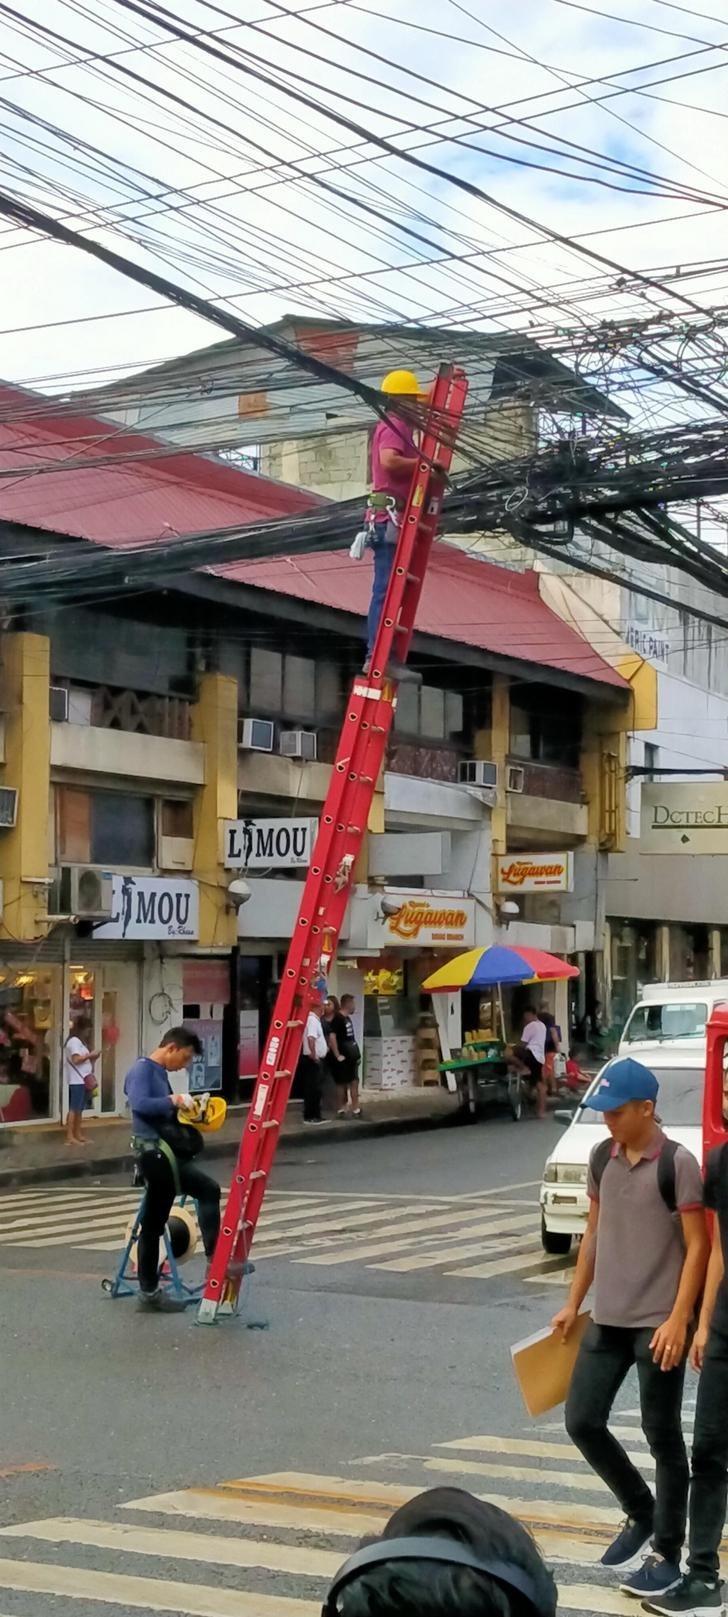 Pedestrian - DCTECH LIMOU fugawan MOU ugawan